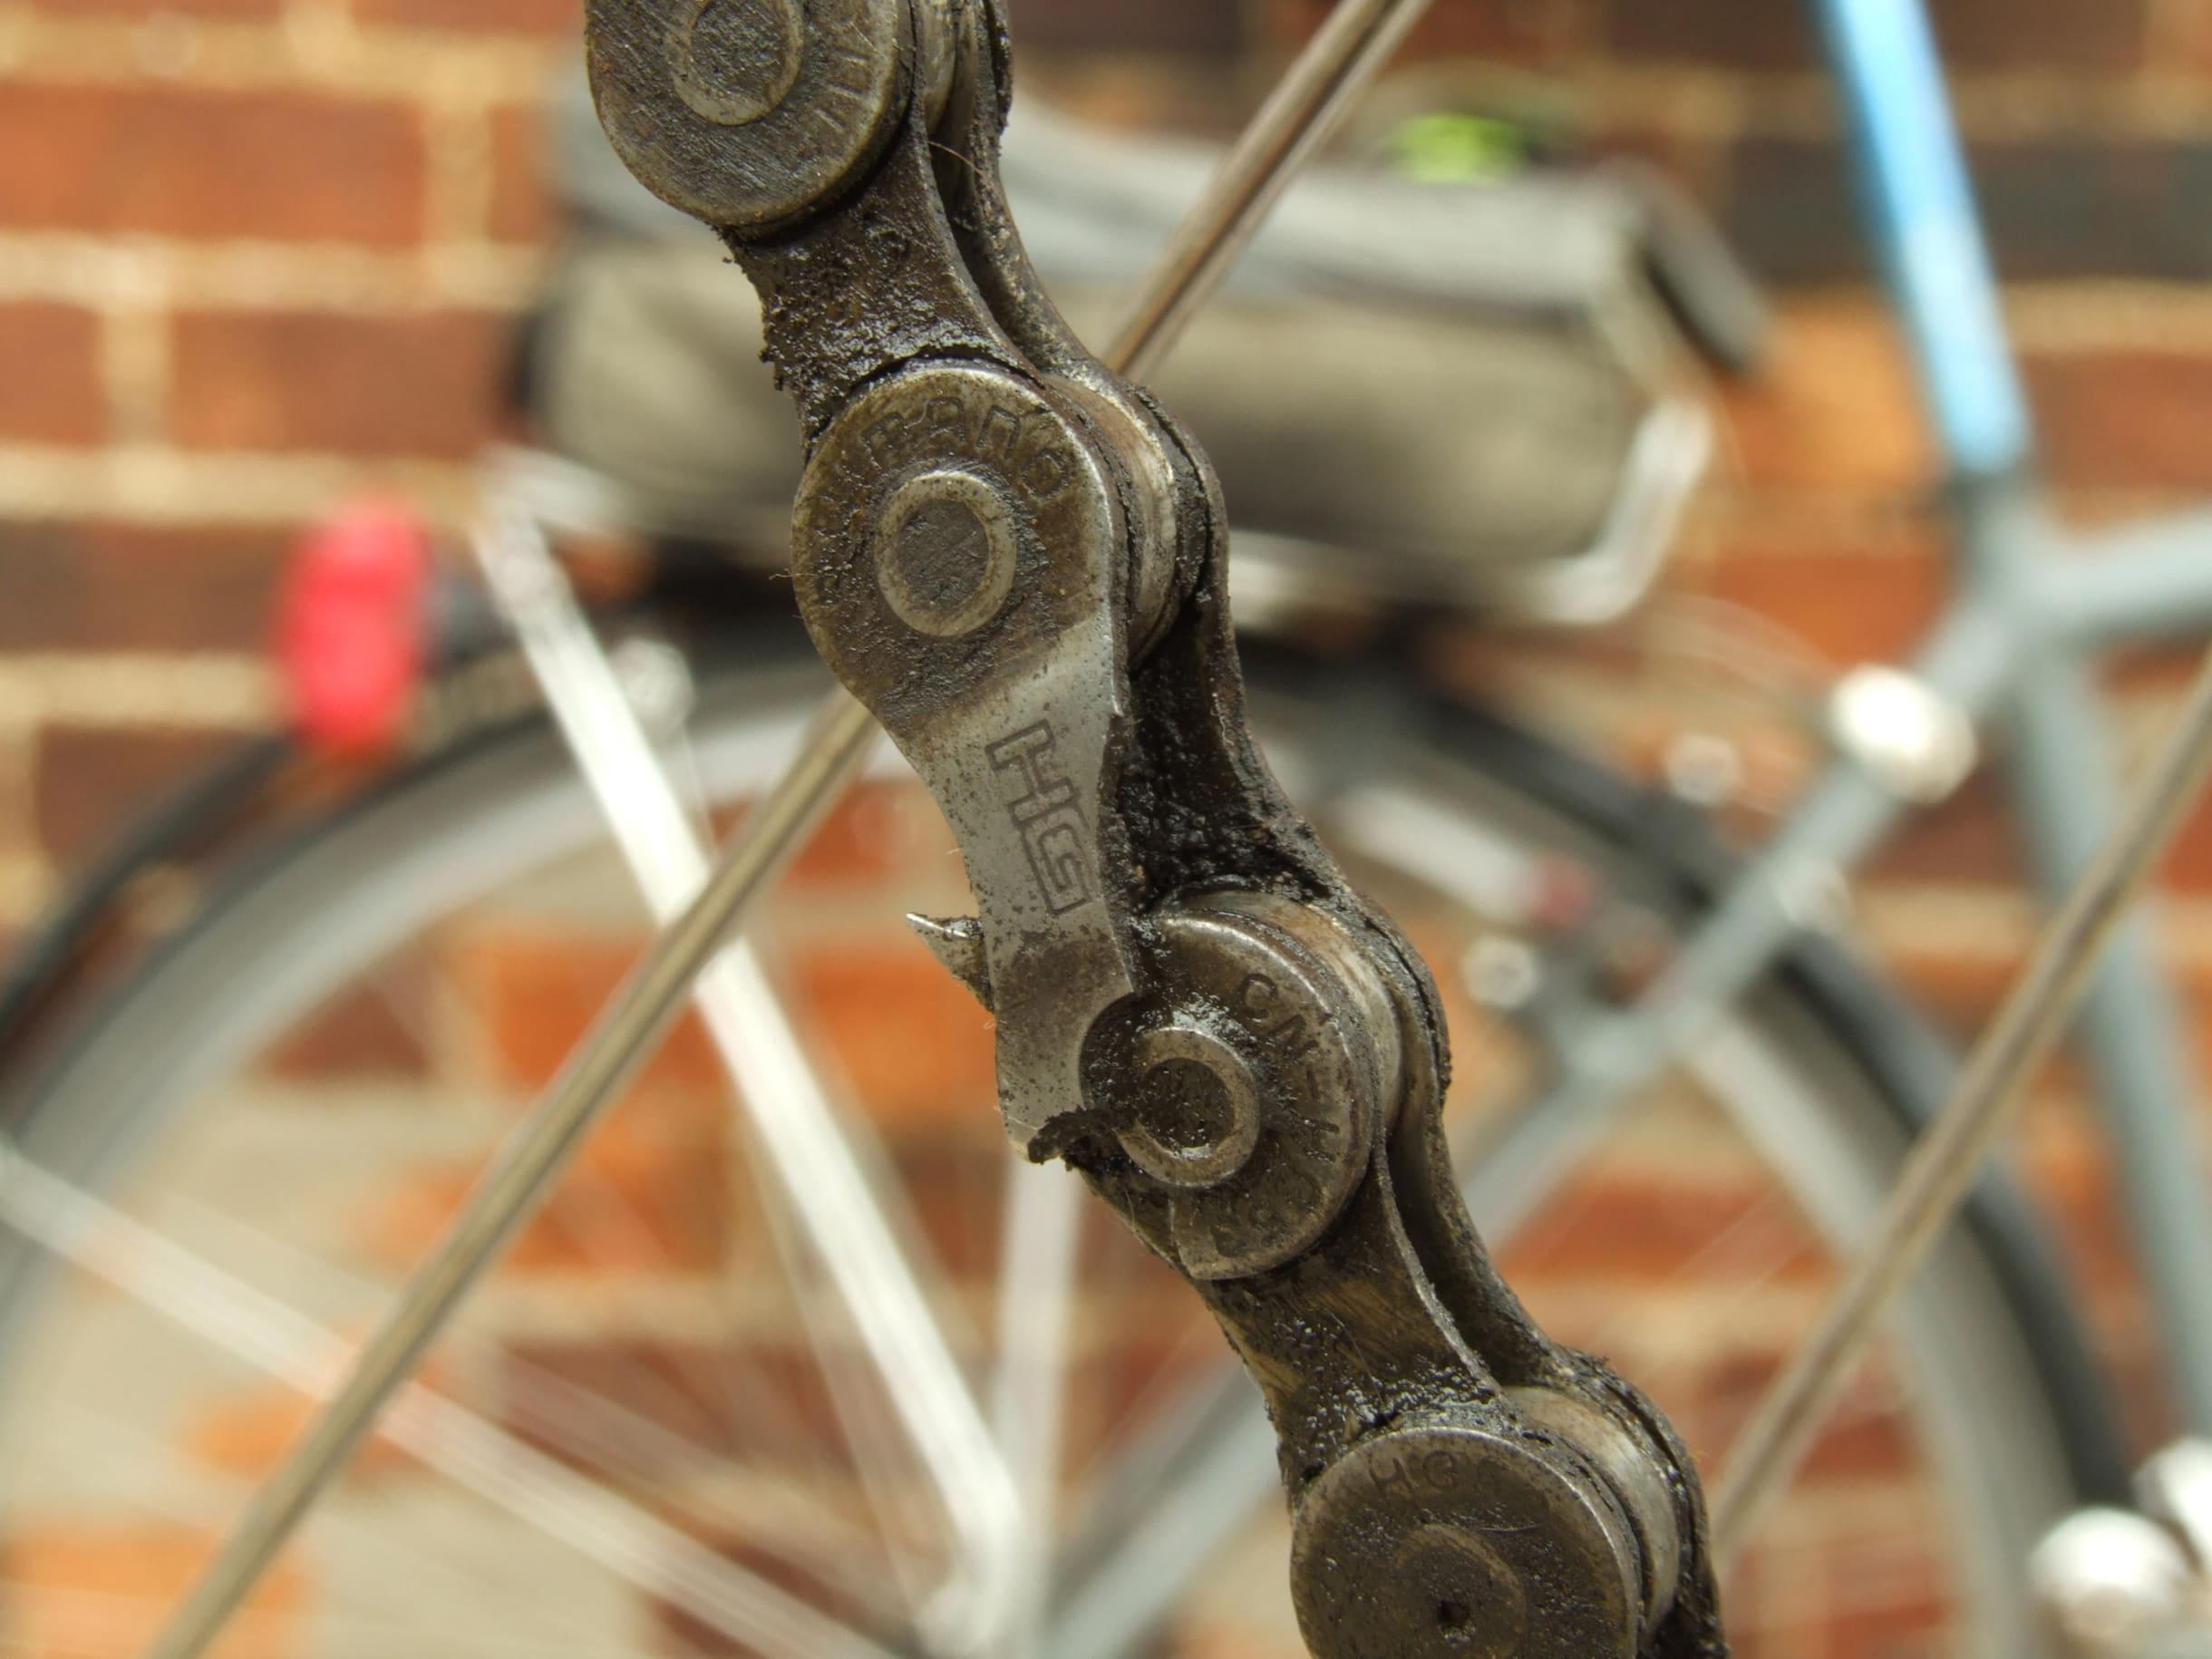 Una cadena rota, de cerca en una bicicleta de ciudad